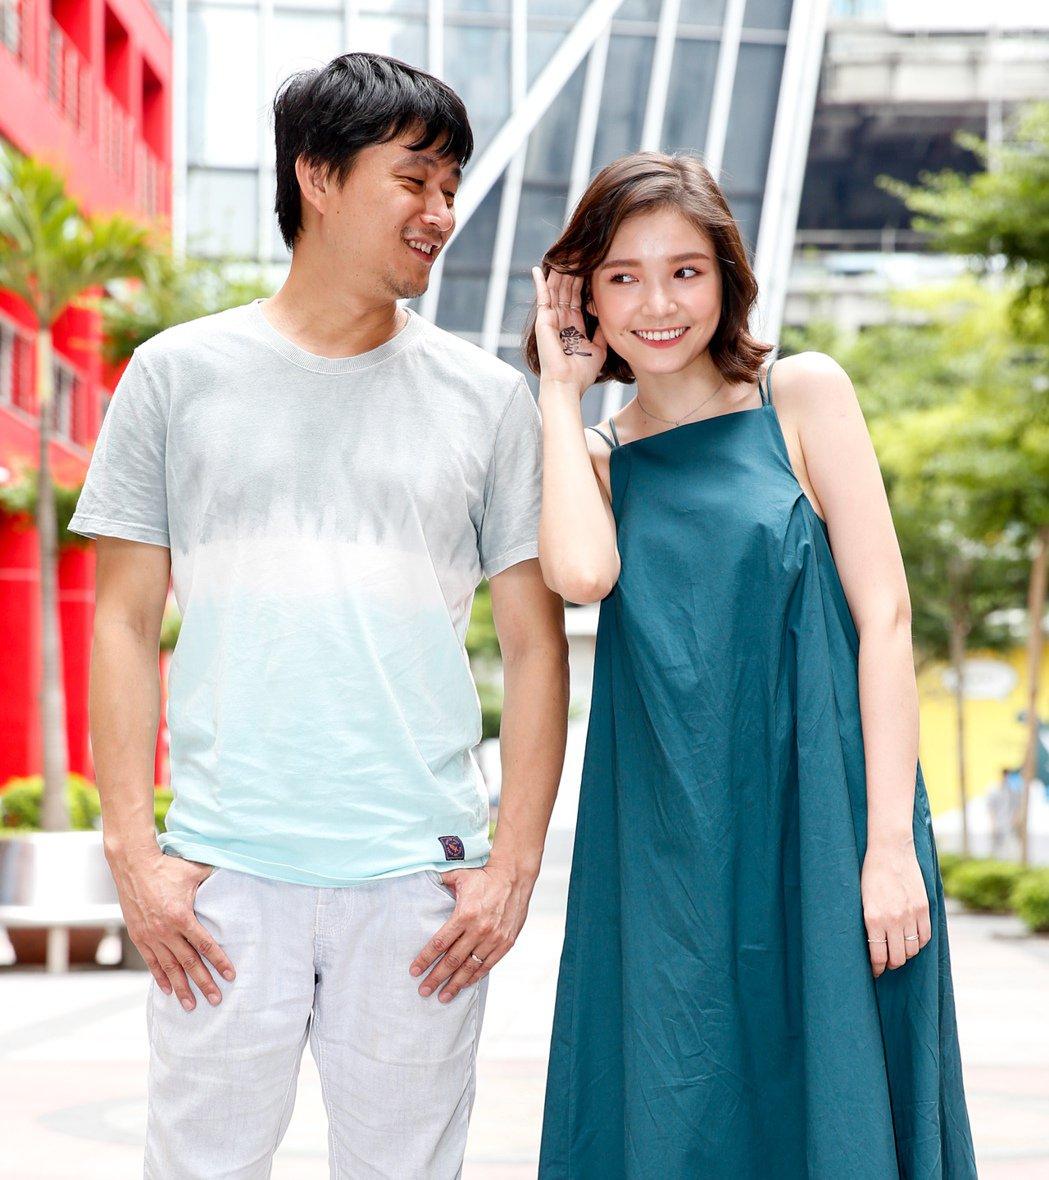 「痴情男子漢」導演連奕琦(左)與女主角韓笙笙(右)合影。記者程宜華/攝影